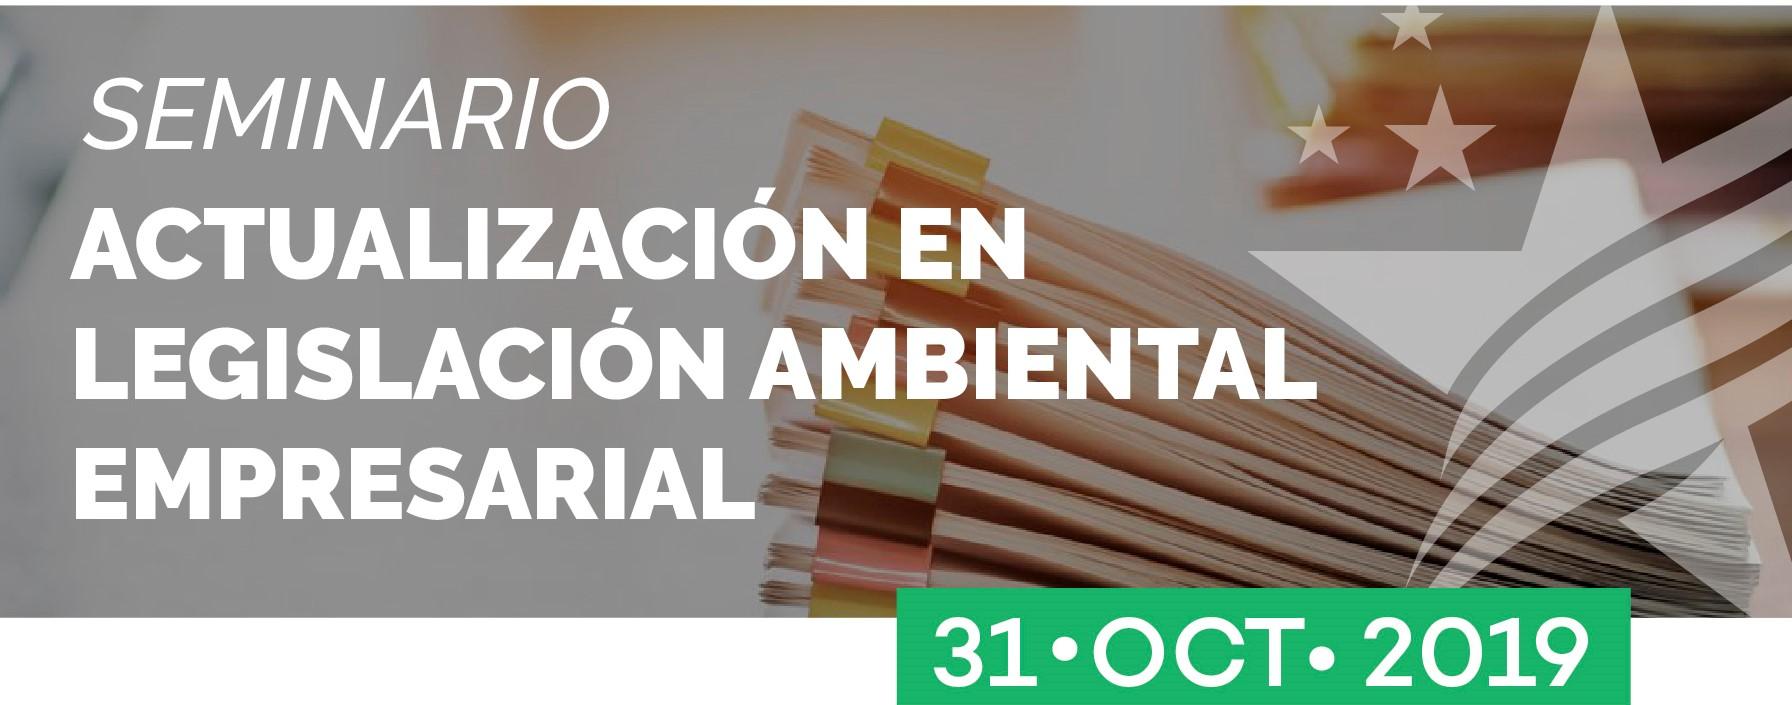 Seminario «ACTUALIZACIÓN EN LEGISLACIÓN AMBIENTAL EMPRESARIAL»